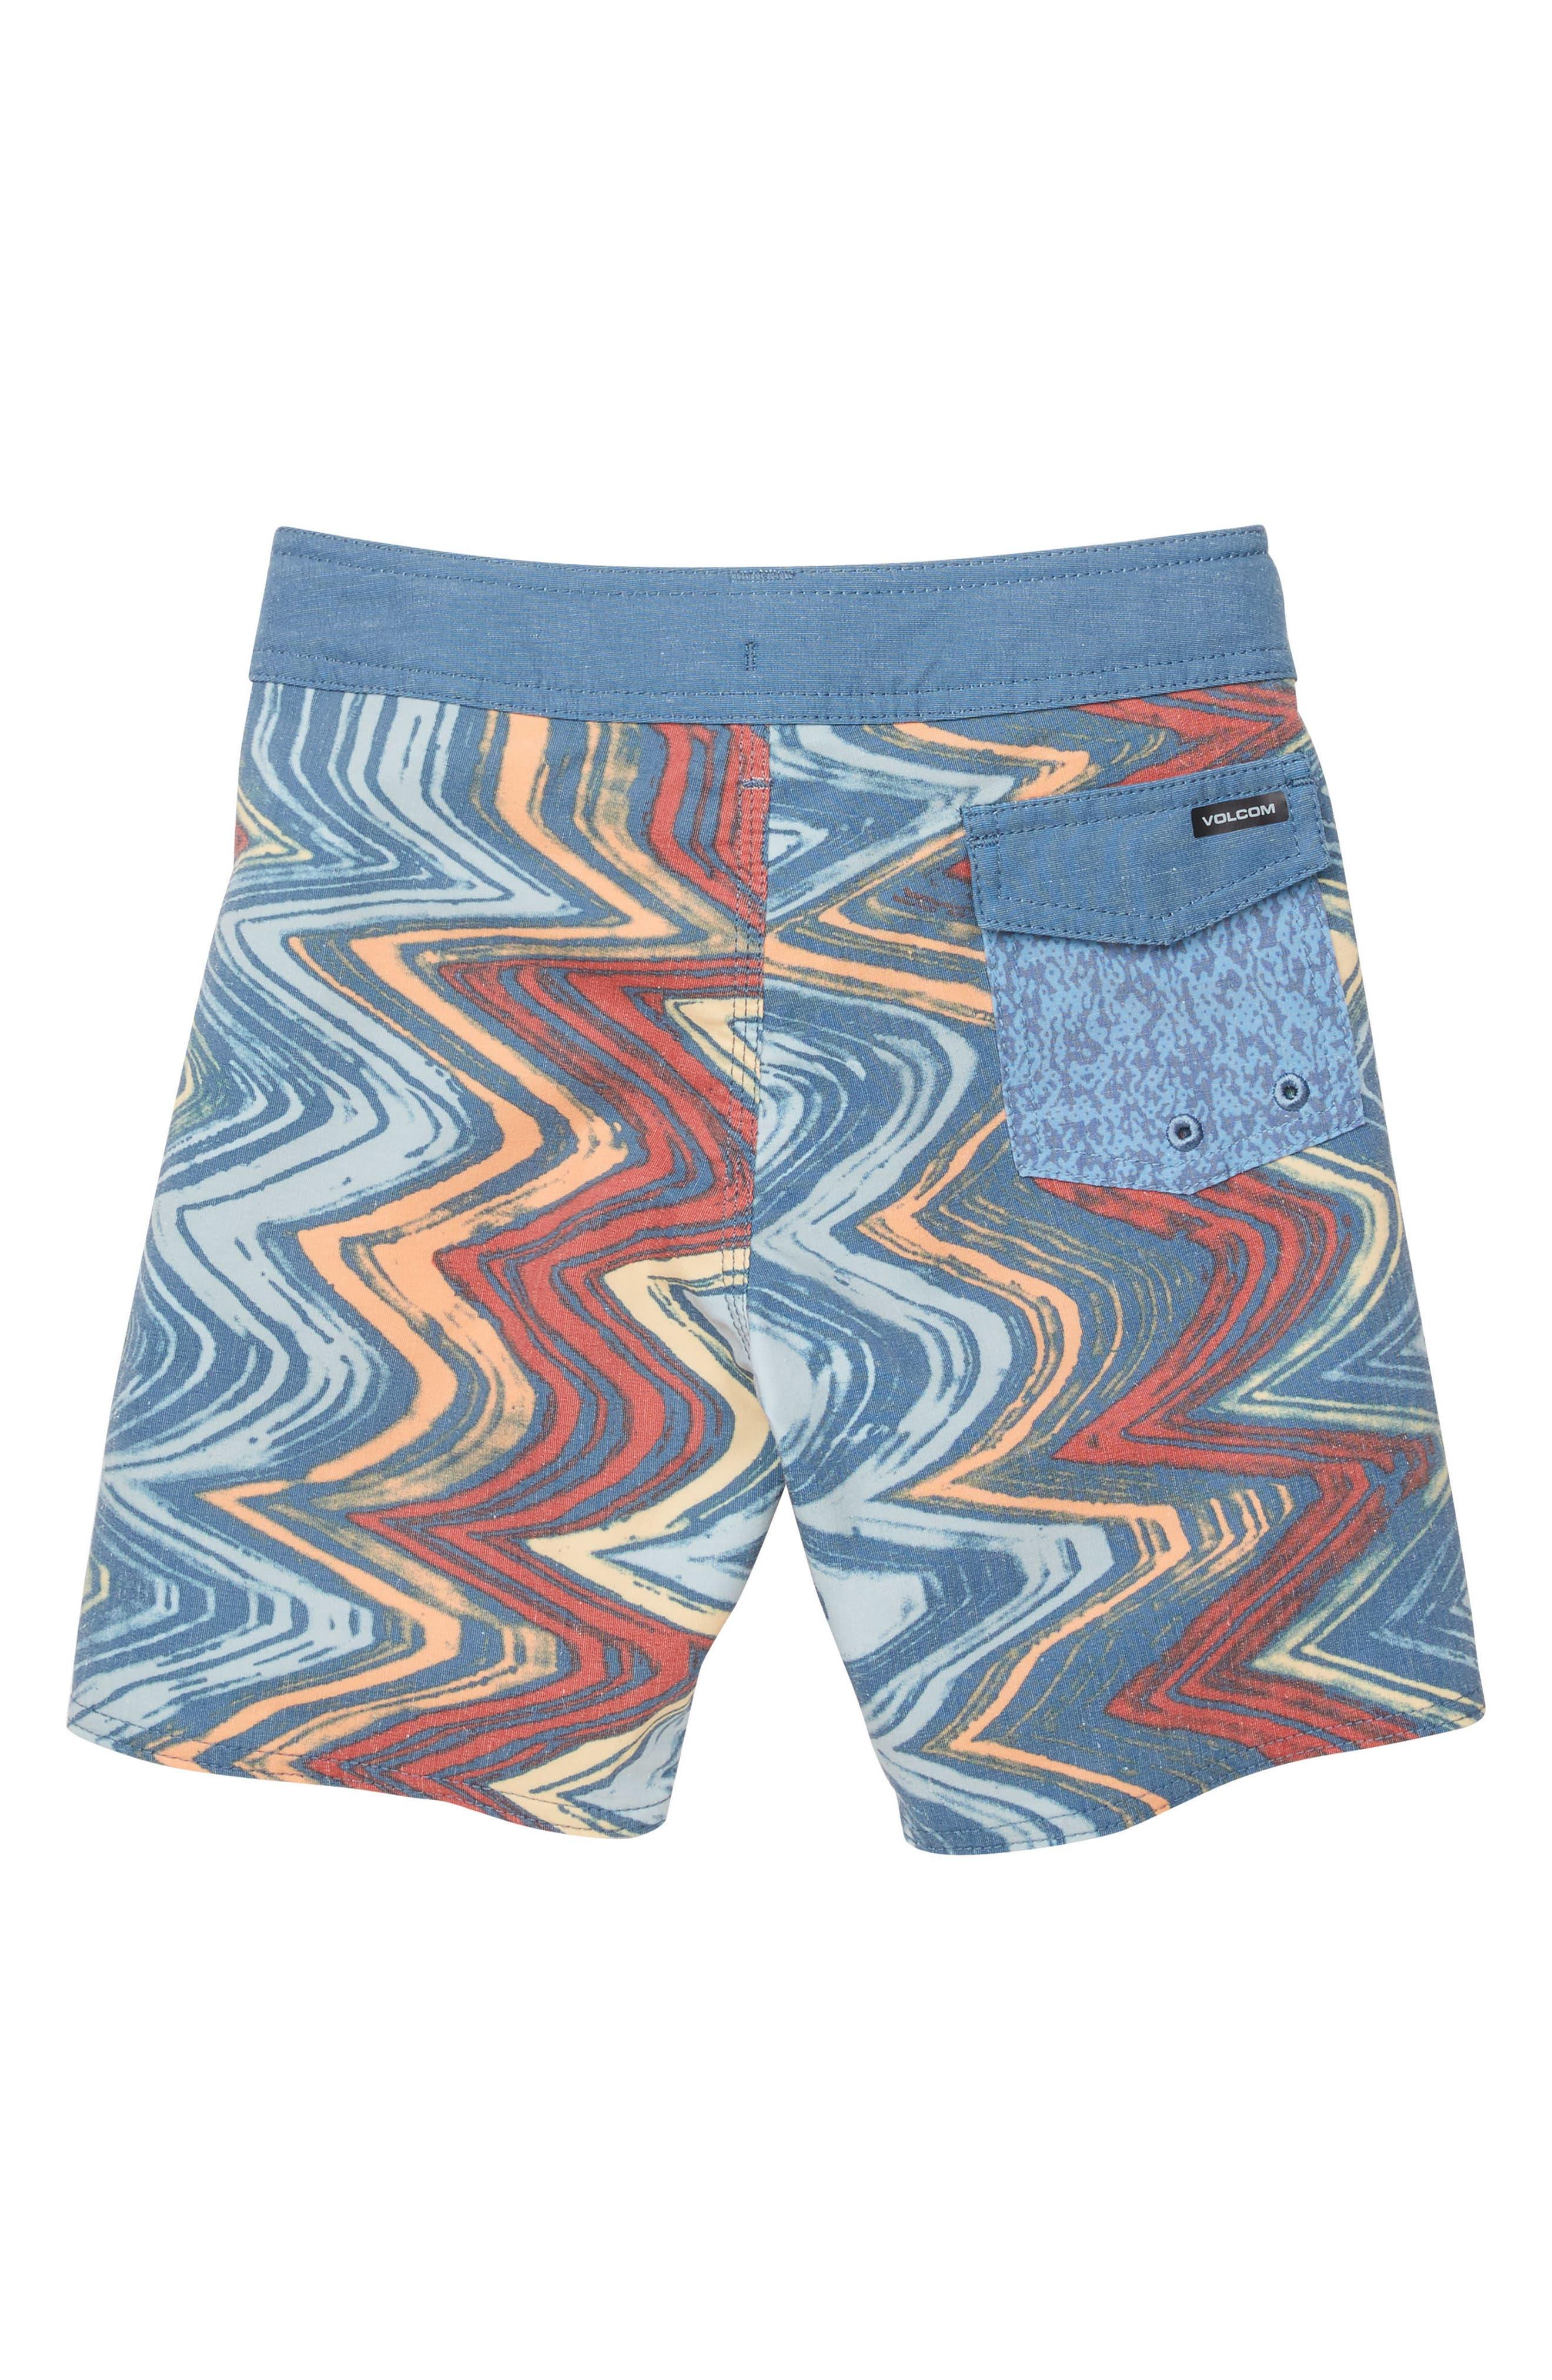 Lo-Fi Board Shorts,                             Alternate thumbnail 2, color,                             SUNBURST